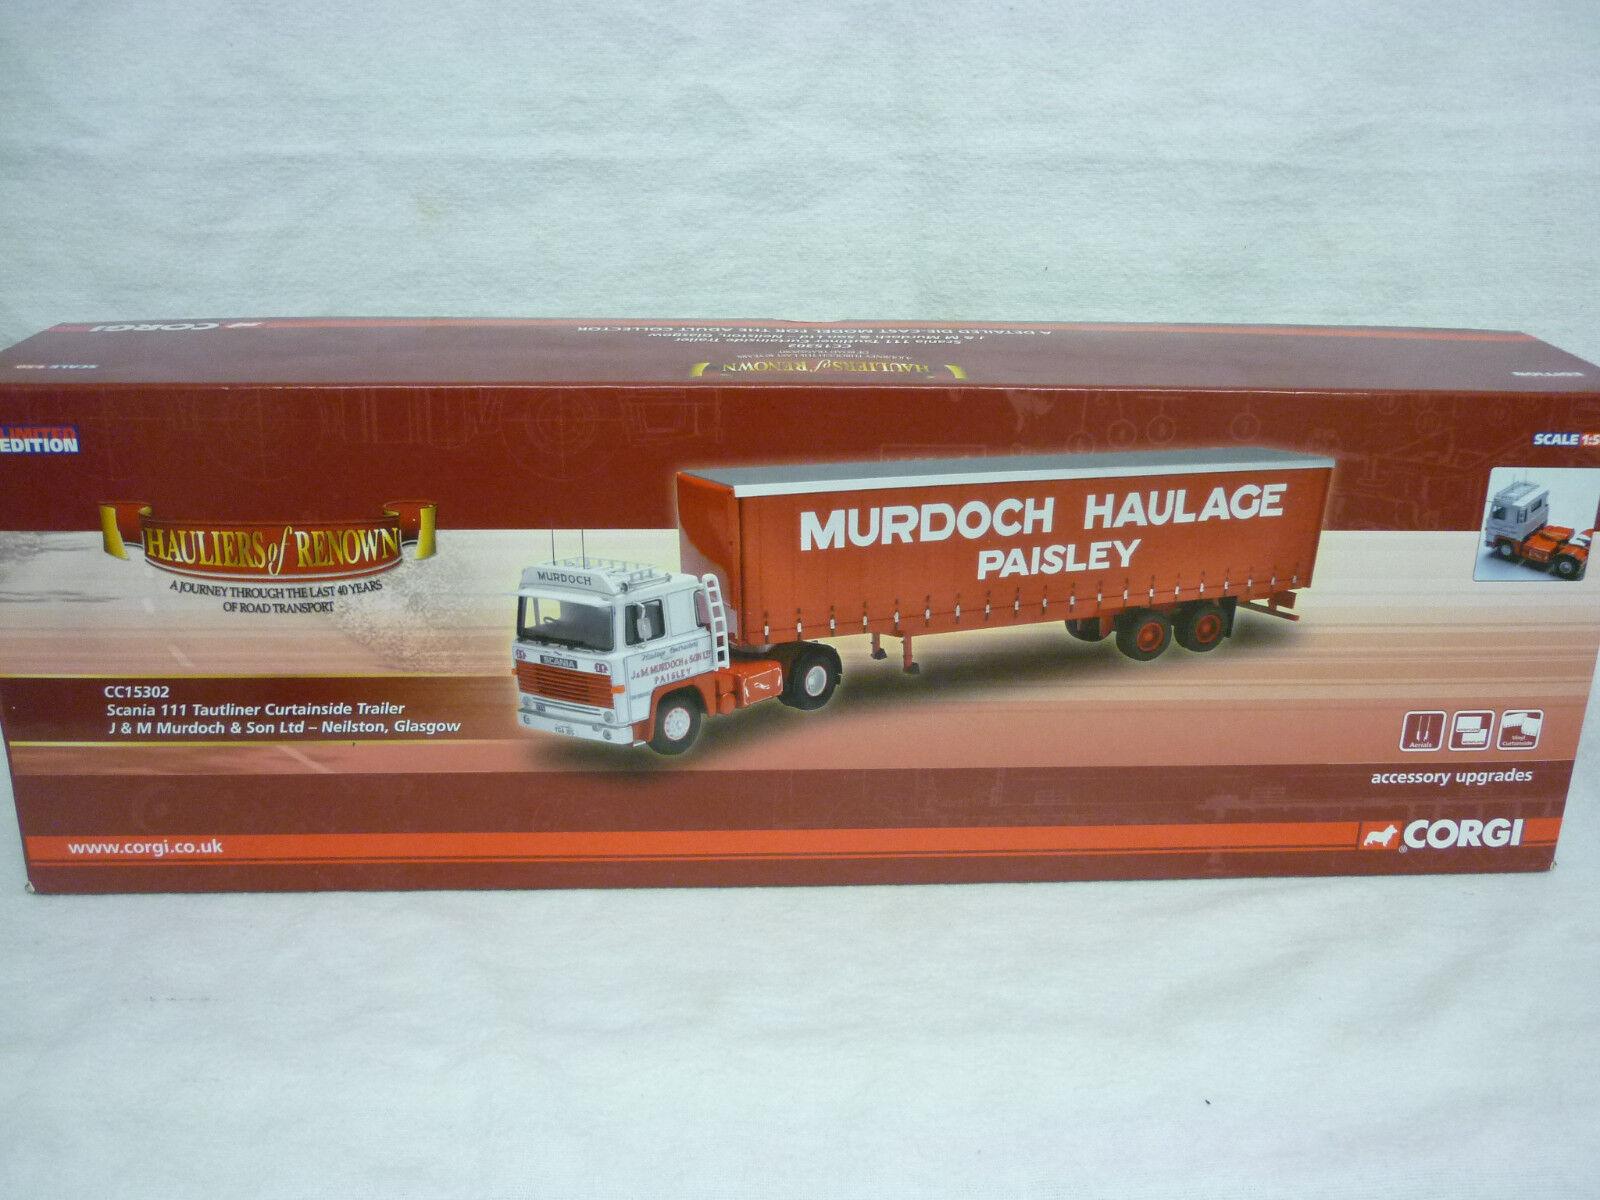 Corgi Camión Modernos transporte CC15302 Scania 111 tautiner Curtainside J & M Murdoch